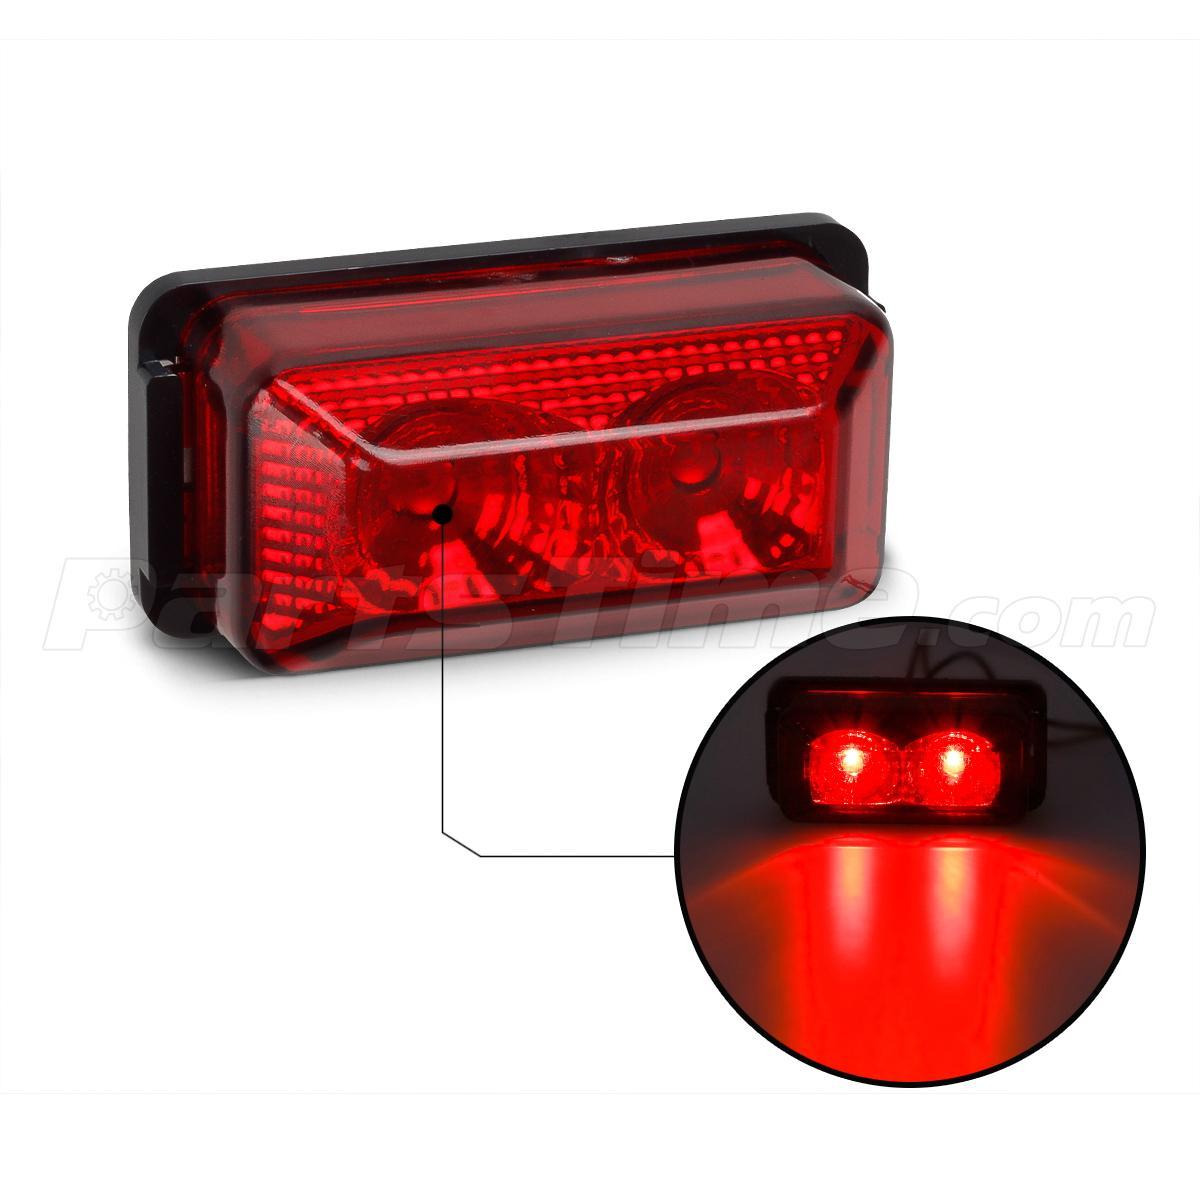 12v mini 2 6 auto led side light led side marker lights. Black Bedroom Furniture Sets. Home Design Ideas